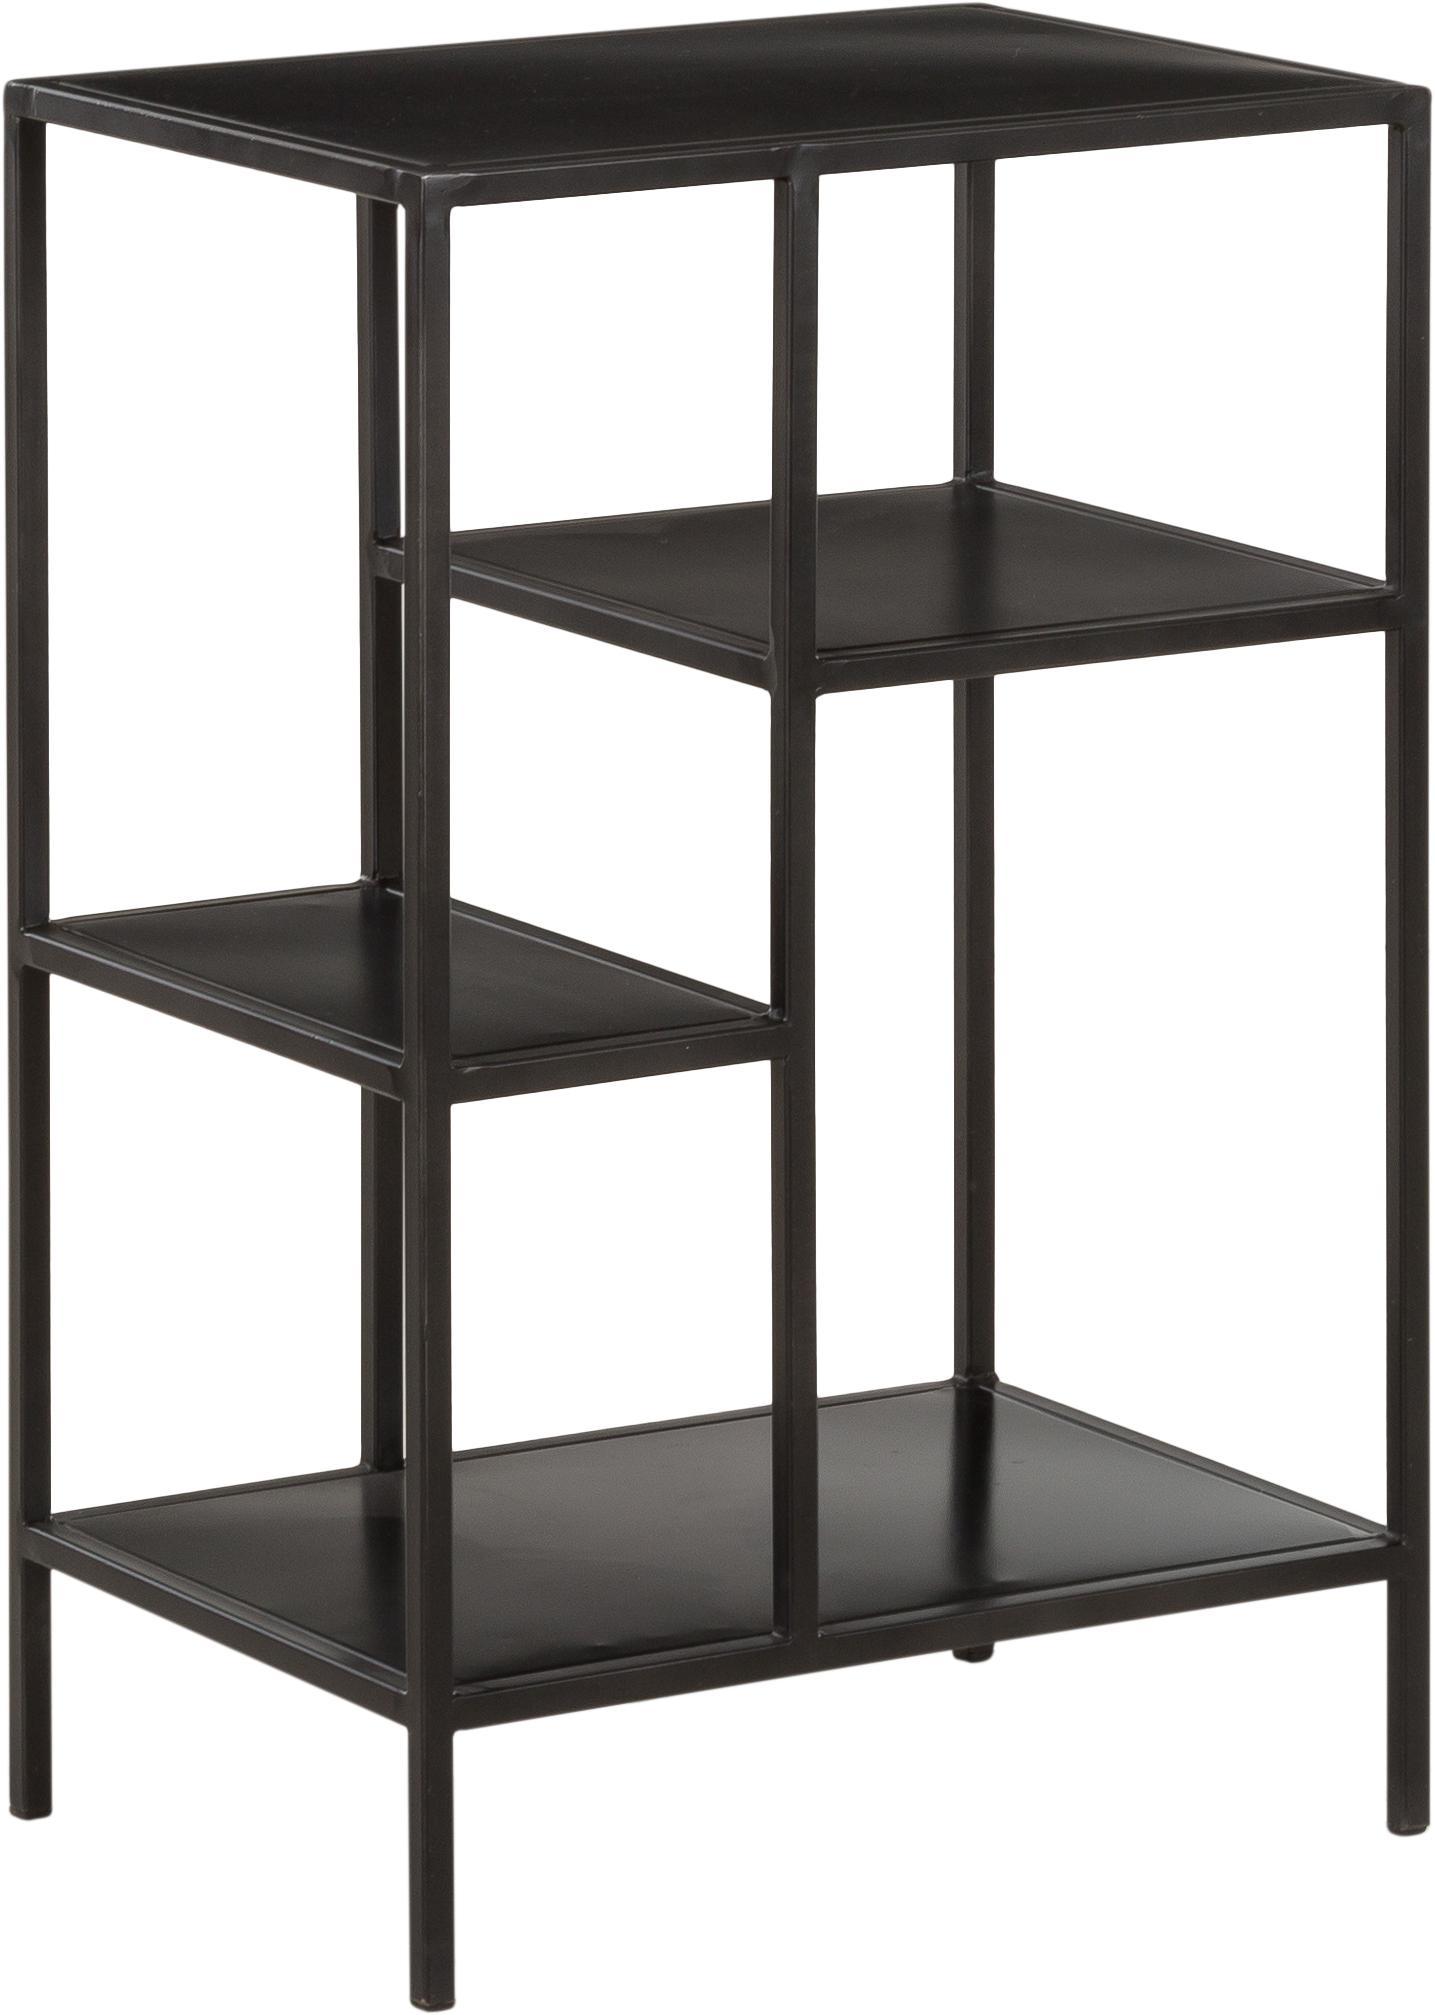 Metalen wandrek Display in zwart, Gepoedercoat metaal, Zwart, B 50 cm